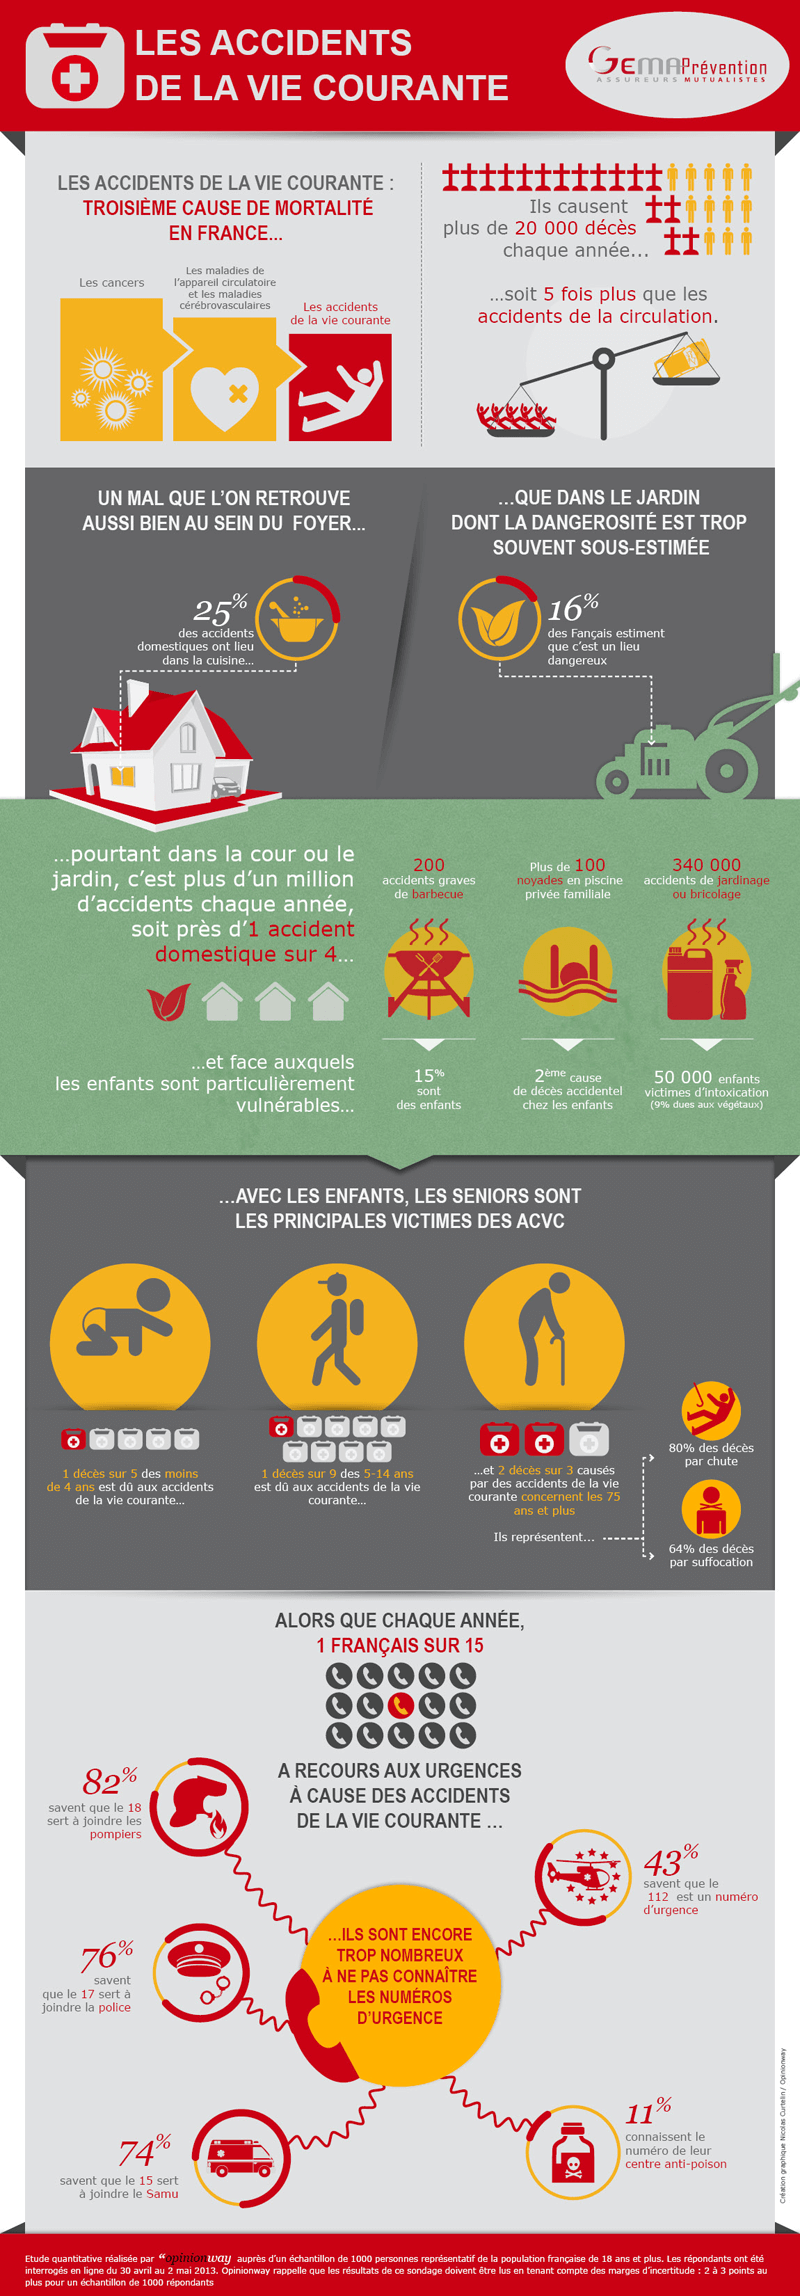 2013.07.19 Infographie étude accidents vie courante risque méconnu